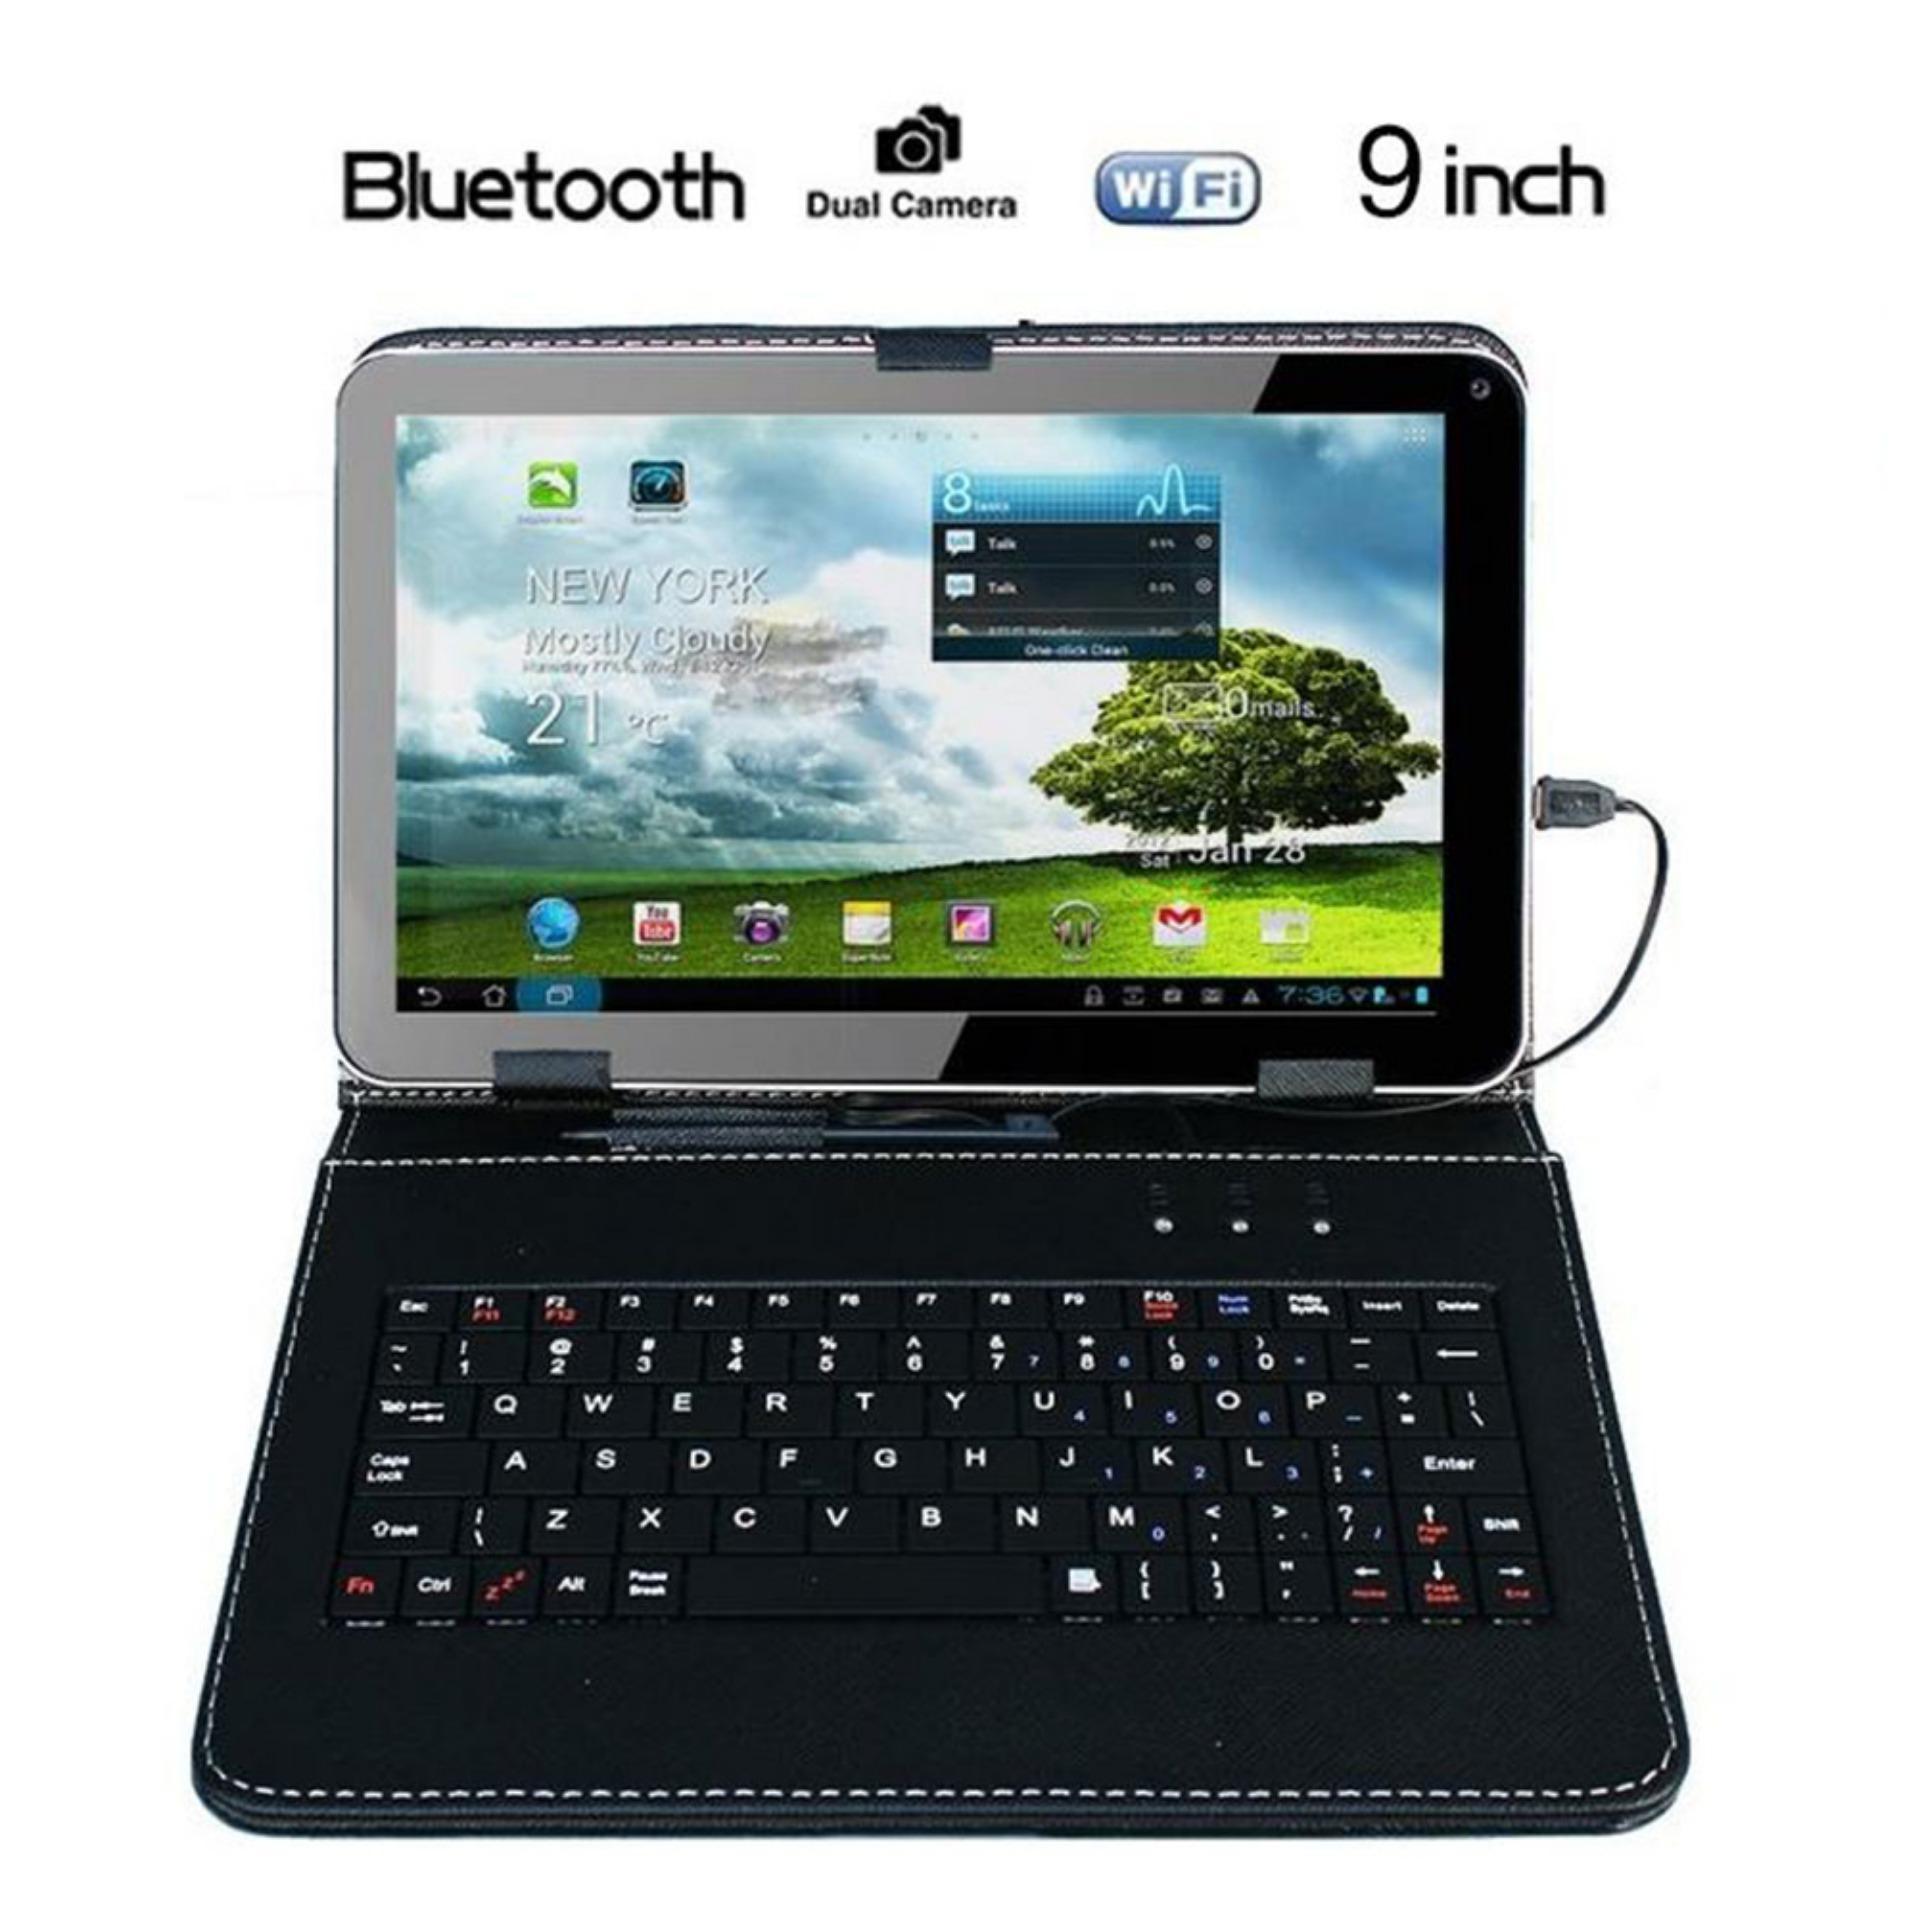 Newworldmall 9 Inch Android Tablet Pc Allwinner A33 Quad Core 8gb +keyboard Au Black By Newworldmall.